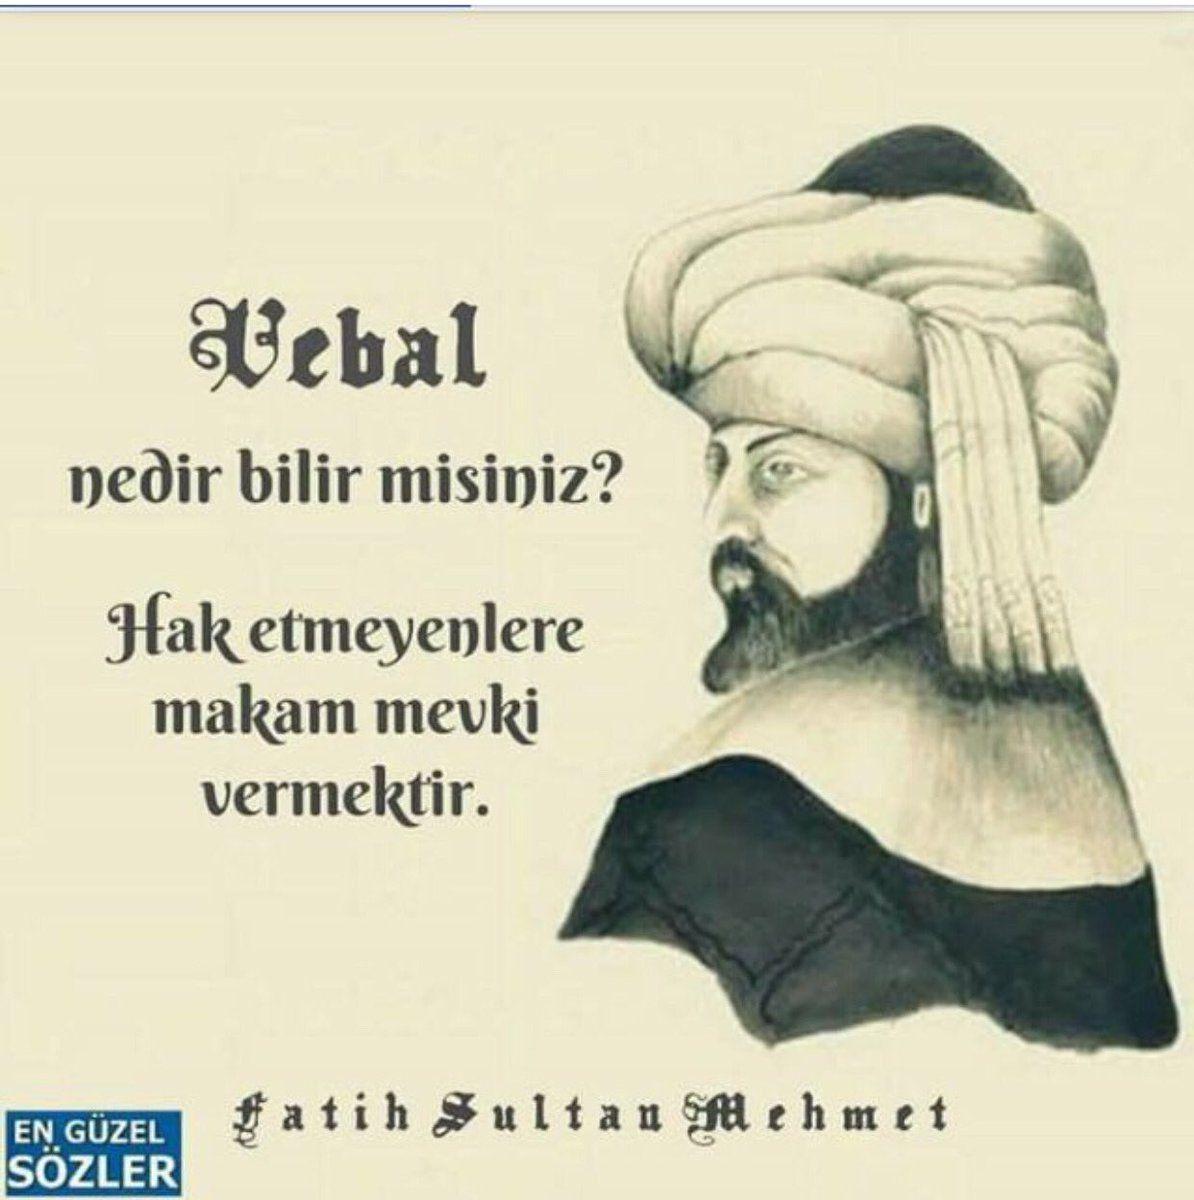 Fatih Sultan Mehmet E Sormuslar Vebal Nedir Bilir Misiniz Ey Sultanim Sultan Hak Etmeyenlere Makam Mevki Vermektir Diye Cevap Ver Sultan Guzel Soz Galeri